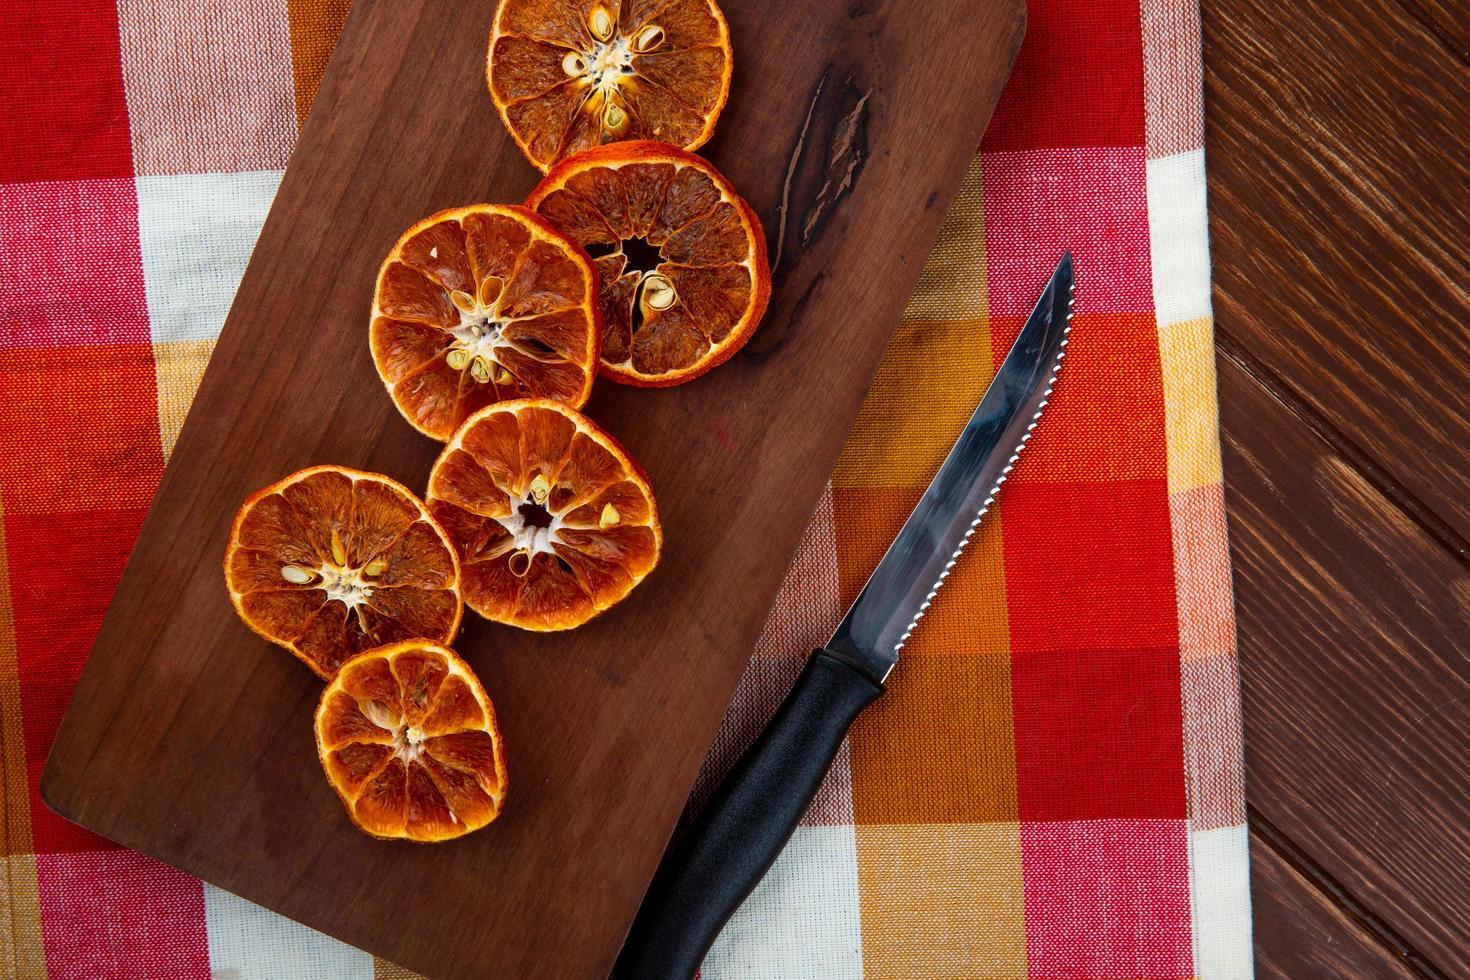 ovanifrån av torkade apelsinskivor med kökskniv på en träskärbräda på rutig bordsduk foto